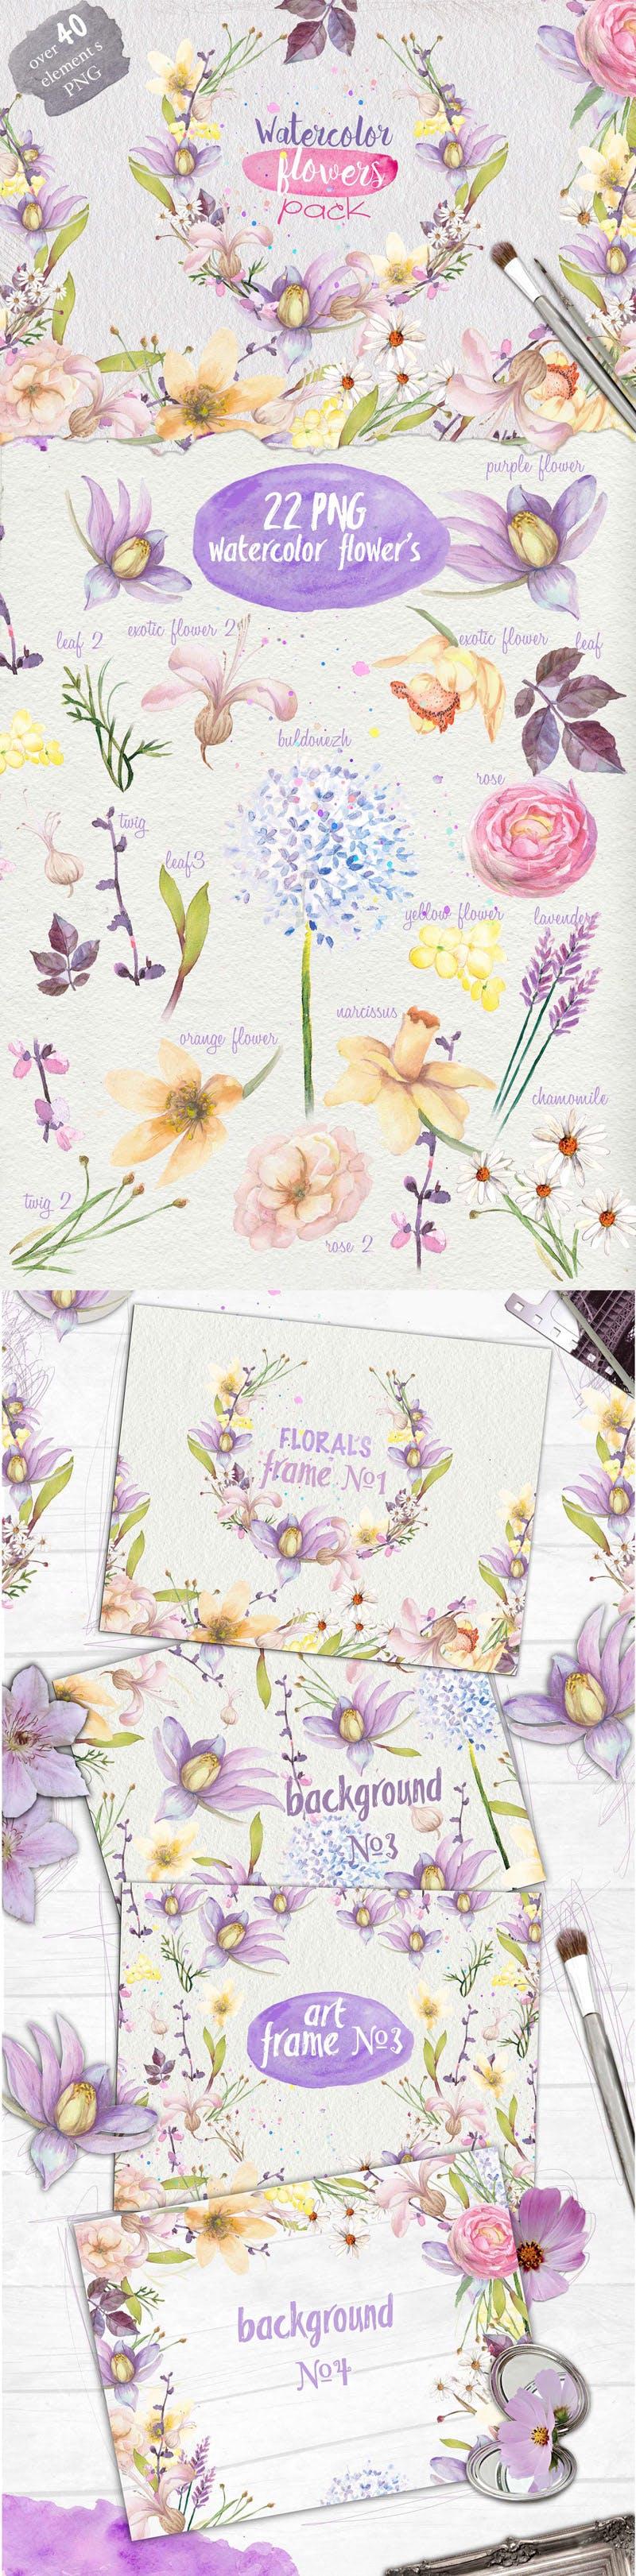 Watercolor-flowers-Pack